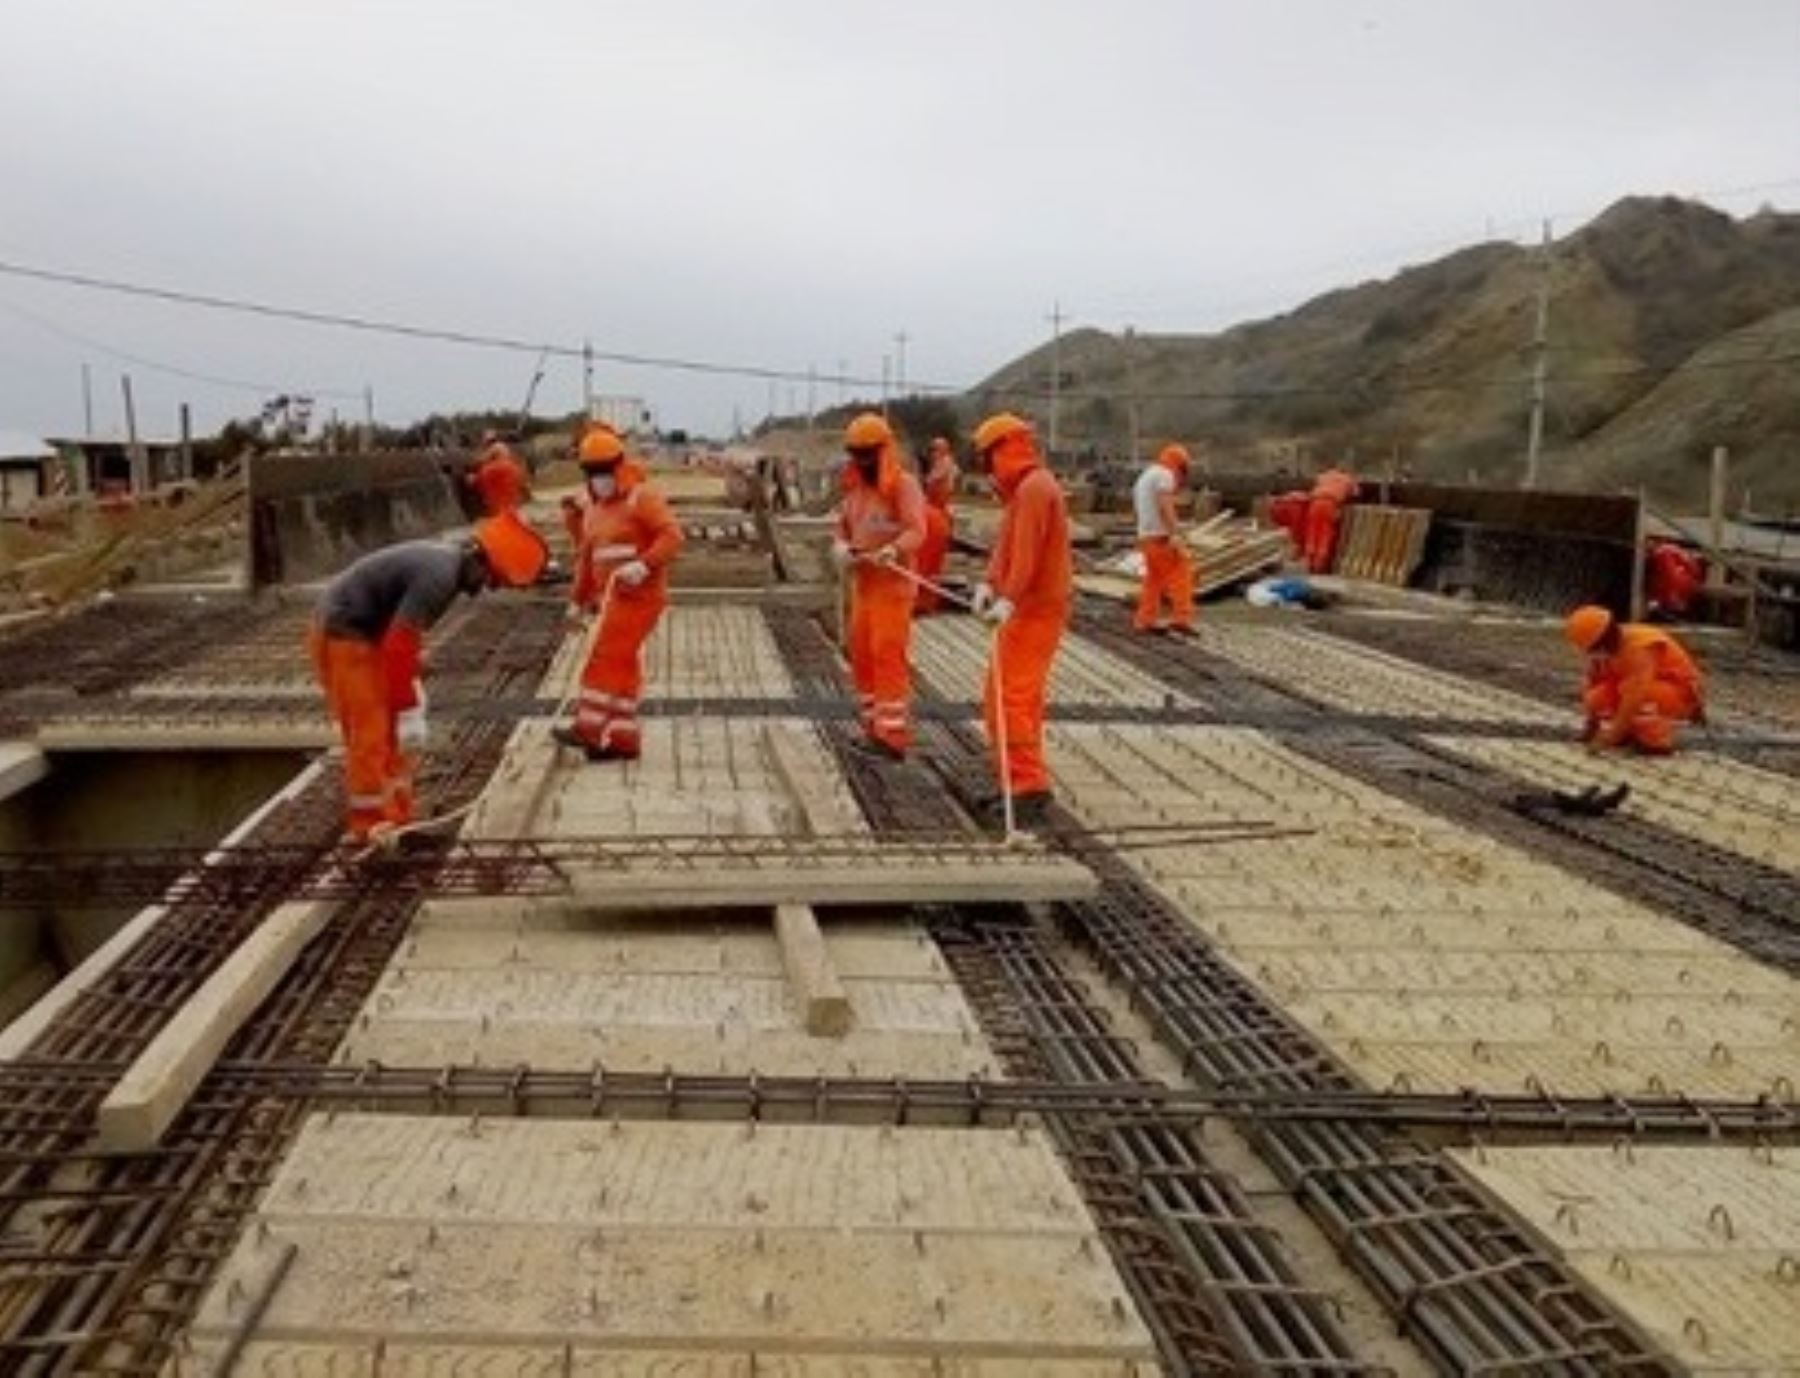 El MTC reinició los trabajos de construcción de cuatro puentes definitivos en Tumbes que se encontraban suspendidos por la emergencia sanitaria decretada para frenar el avance del coronavirus (covid-19). ANDINA/Difusión